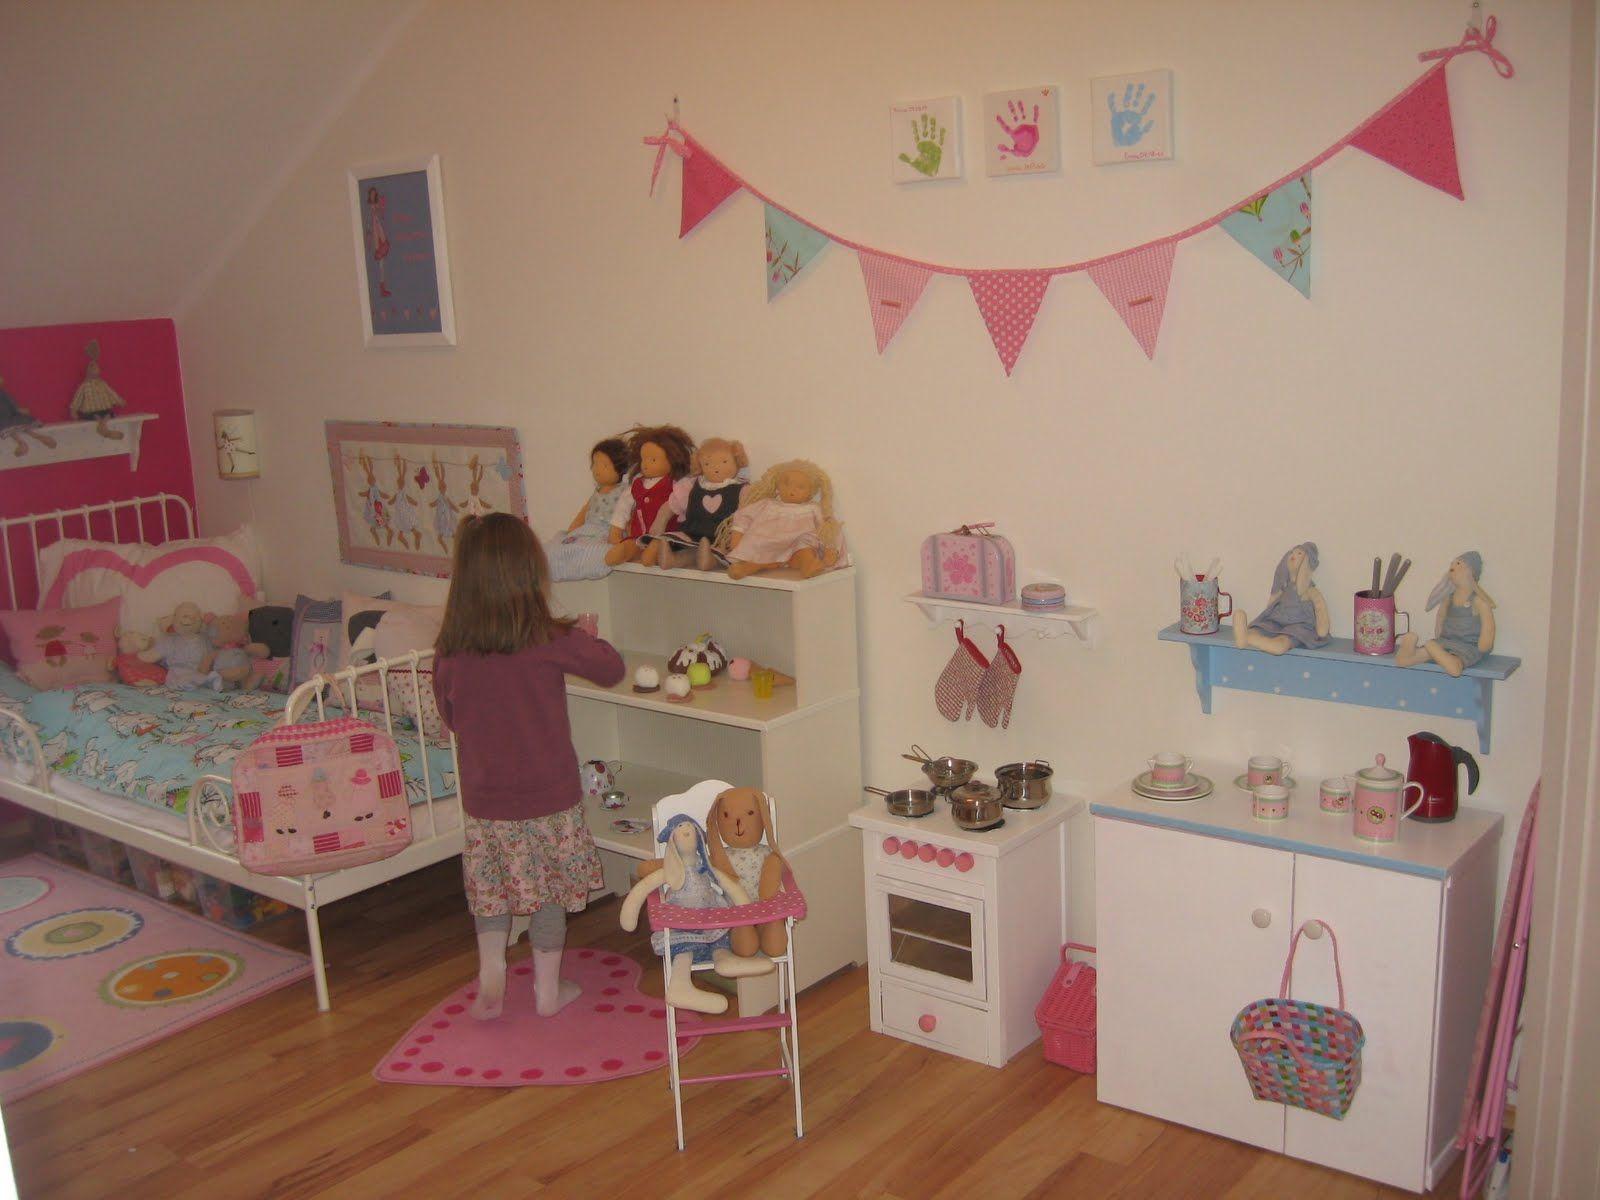 Mädchen kinderzimmer Traum | Kinderzimmer | Pinterest ...